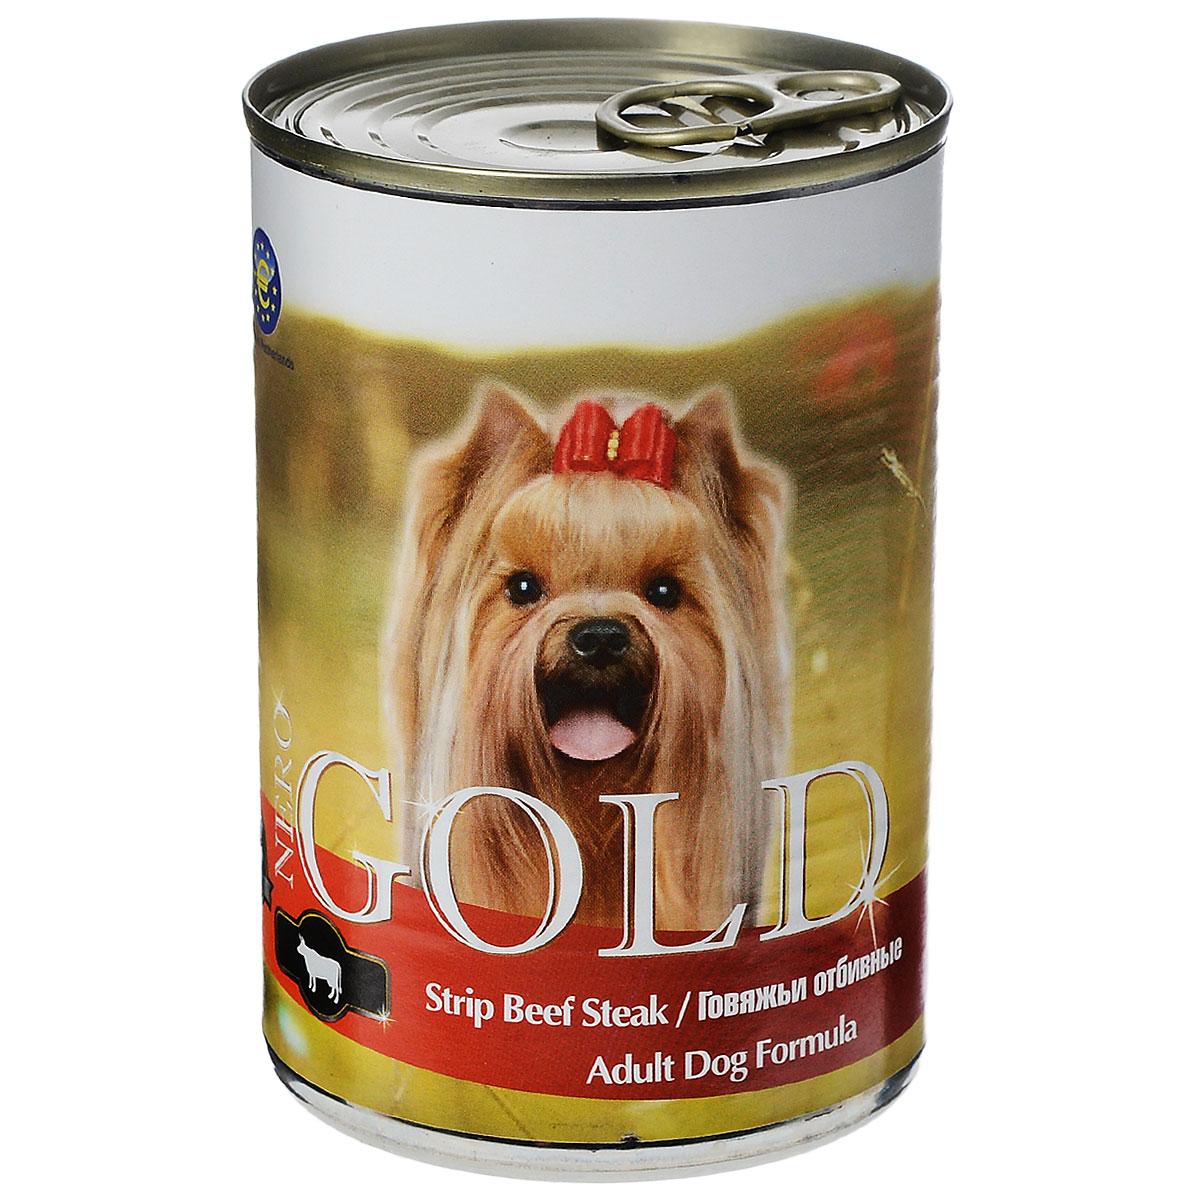 Консервы для собак Nero Gold, с говяжьей отбивной, 410 г10270Консервы для собак Nero Gold - полнорационный продукт, содержащий все необходимые витамины и минералы, сбалансированный для поддержания оптимального здоровья вашего питомца! Состав: мясо и его производные, филе курицы, говядина, злаки, витамины и минералы. Гарантированный анализ: белки 6,5%, жиры 4,5%, клетчатка 0,5%, зола 2%, влага 81%. Пищевые добавки на 1 кг продукта: витамин А 1600 МЕ, витамин D 140 МЕ, витамин Е 10 МЕ, железо 24 мг, марганец 6 мг, цинк 15 мг, медь 1 мг, магний 200 мг, йод 0,3 мг, селен 0,2 мг. Вес: 410 г. Товар сертифицирован.